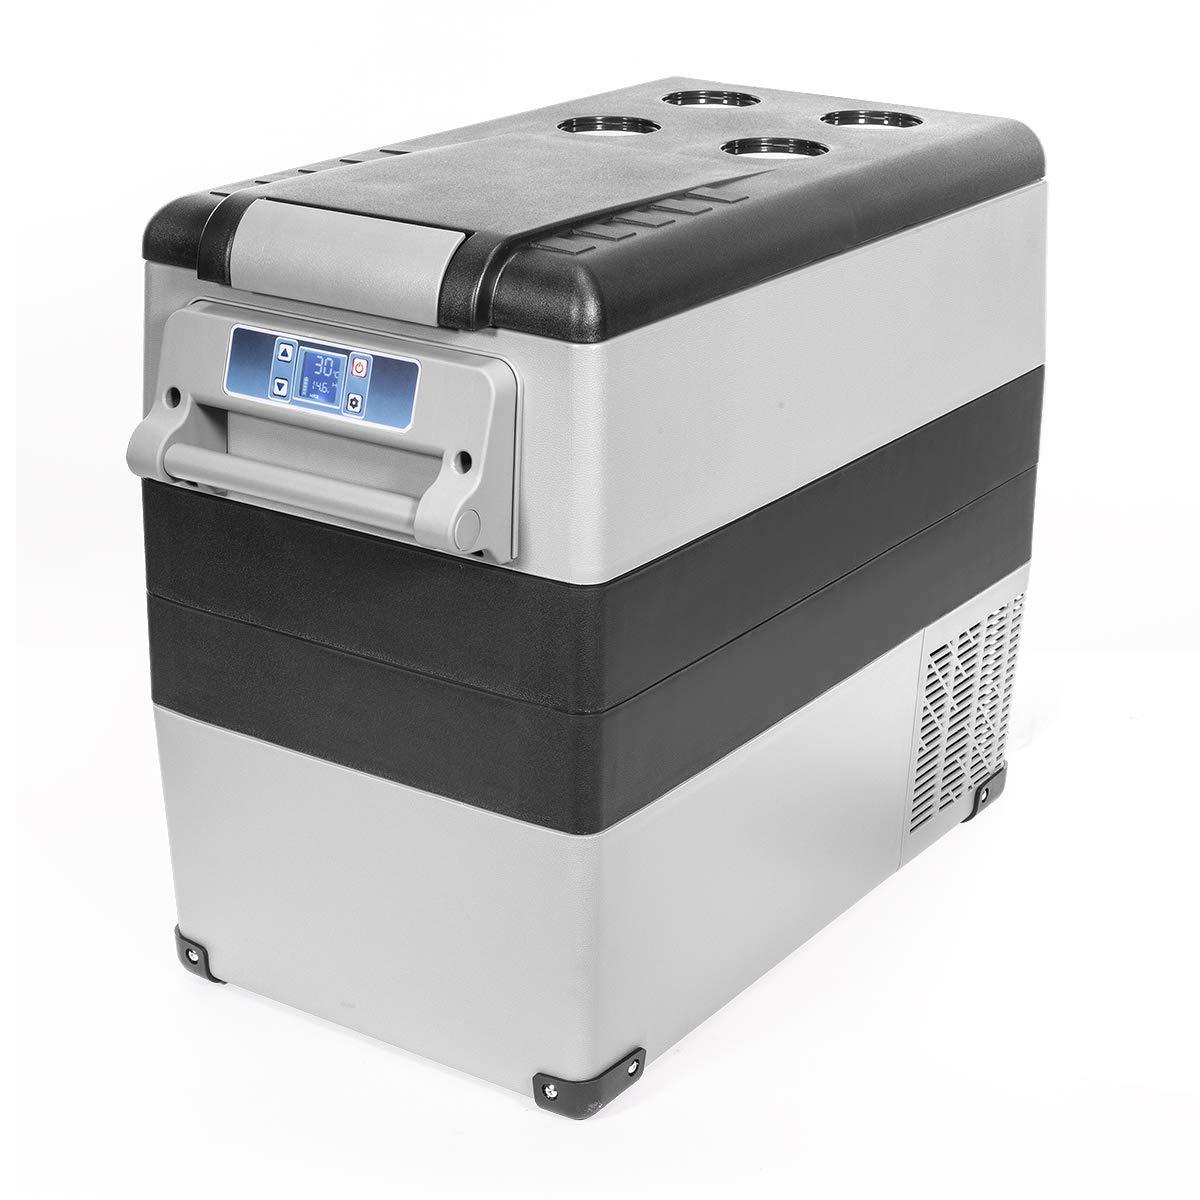 XtremepowerUS X-Large refrigerador portátil de 58 Cuartos de galón ...